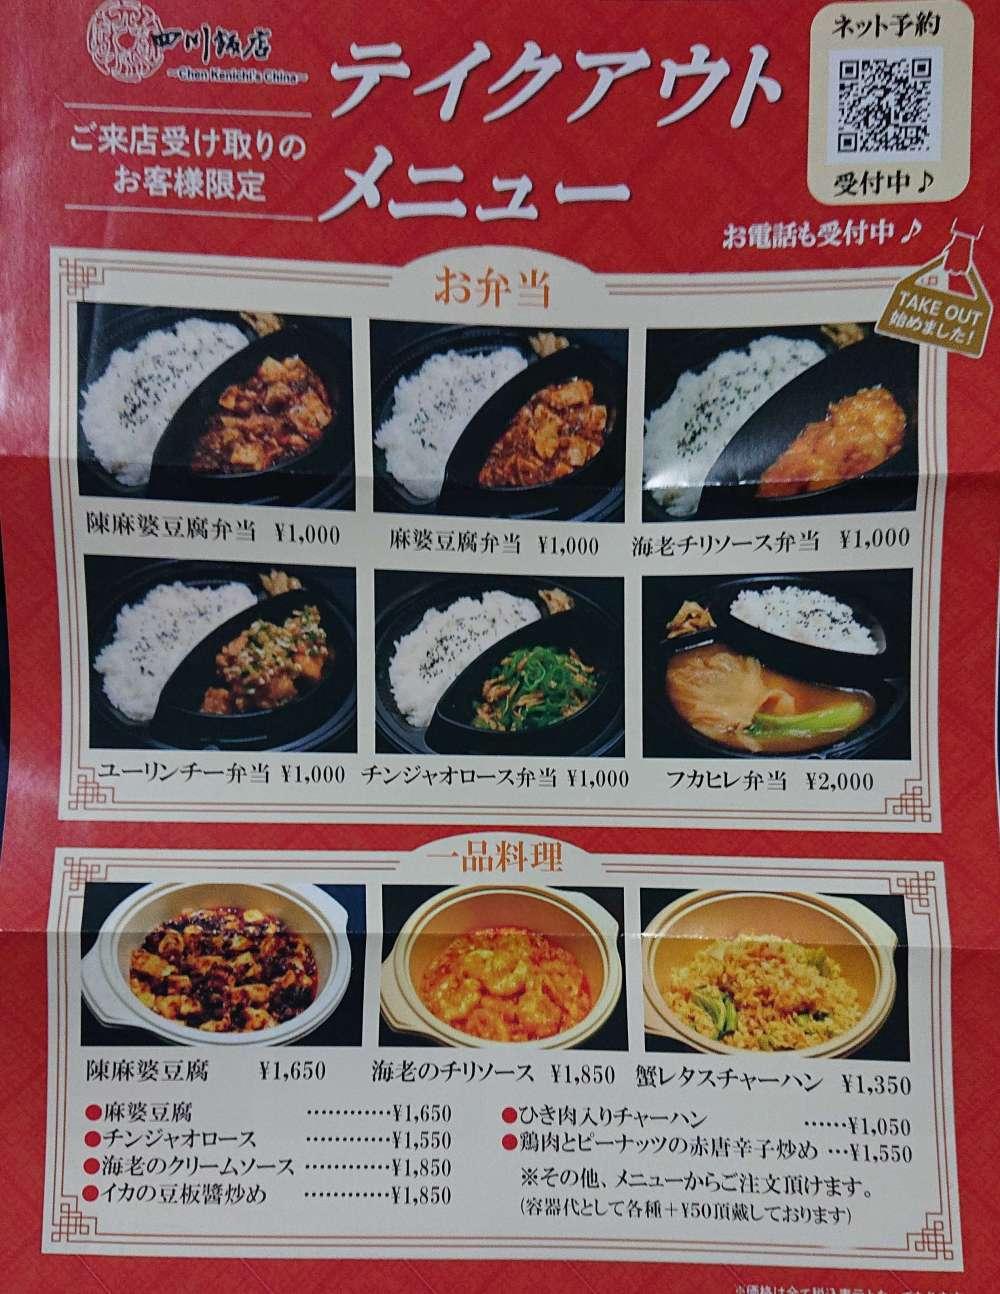 takeout-shisen-hanten-menu